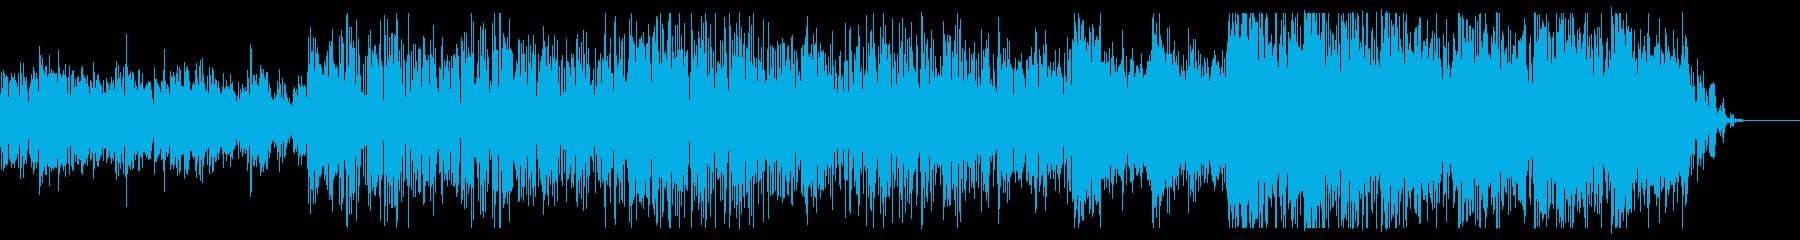 KANT悲壮焦燥感のあるBGMの再生済みの波形